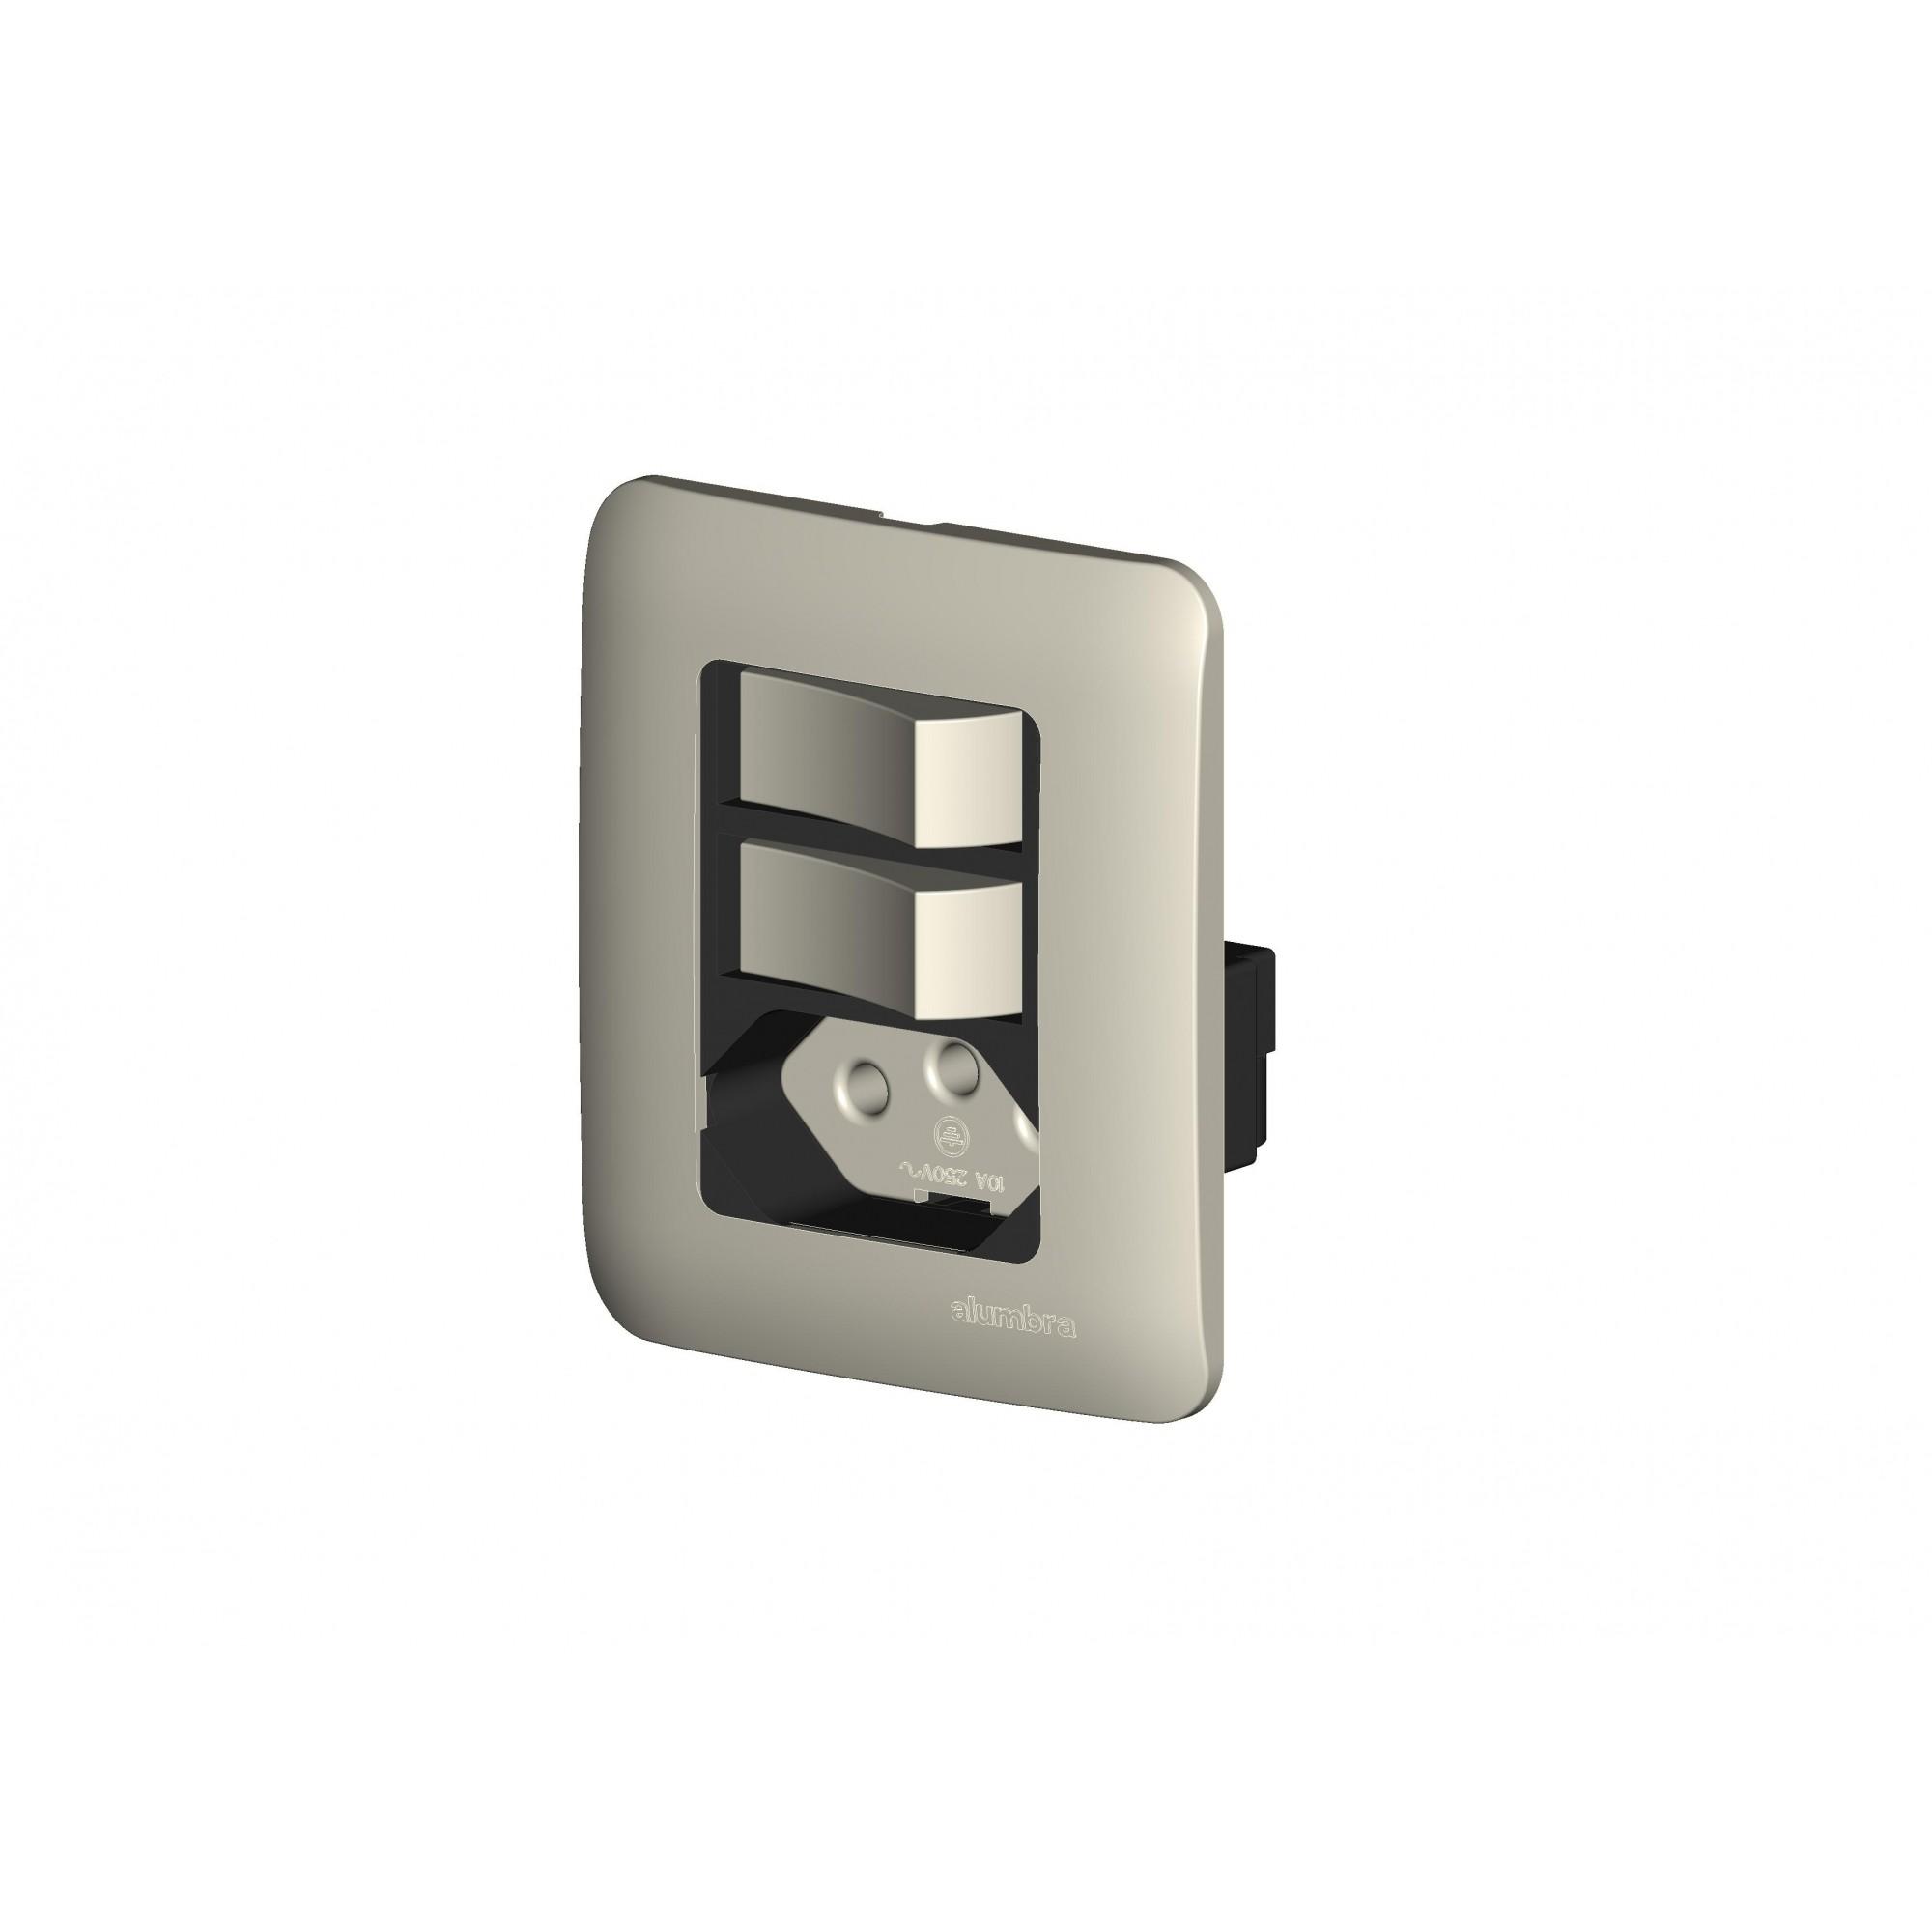 2 interruptores simples + 1 tomada 2P+T 10A